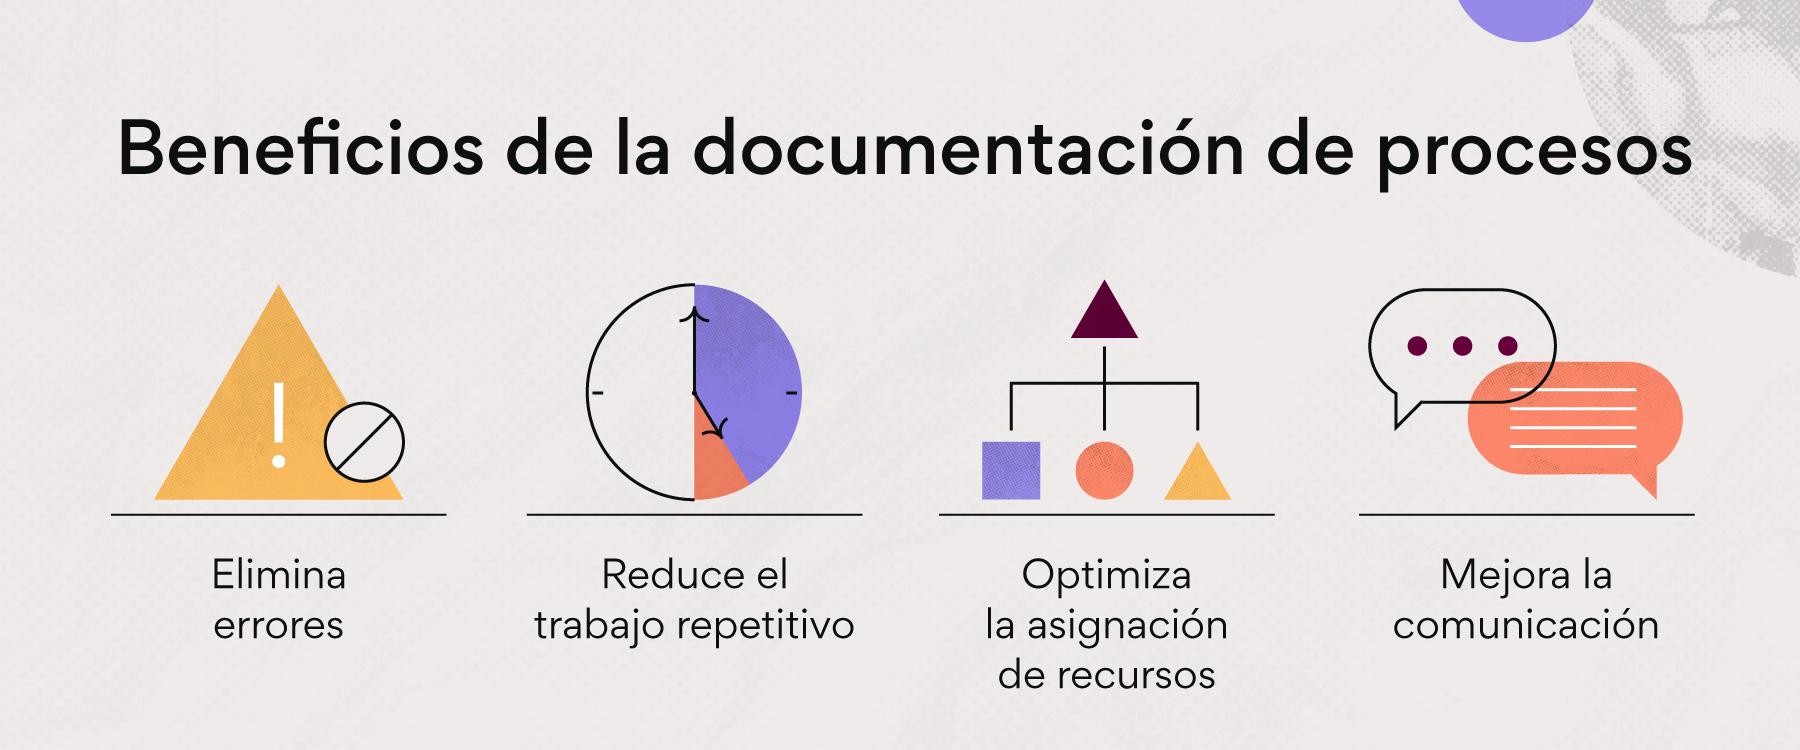 Beneficios de la documentación de procesos